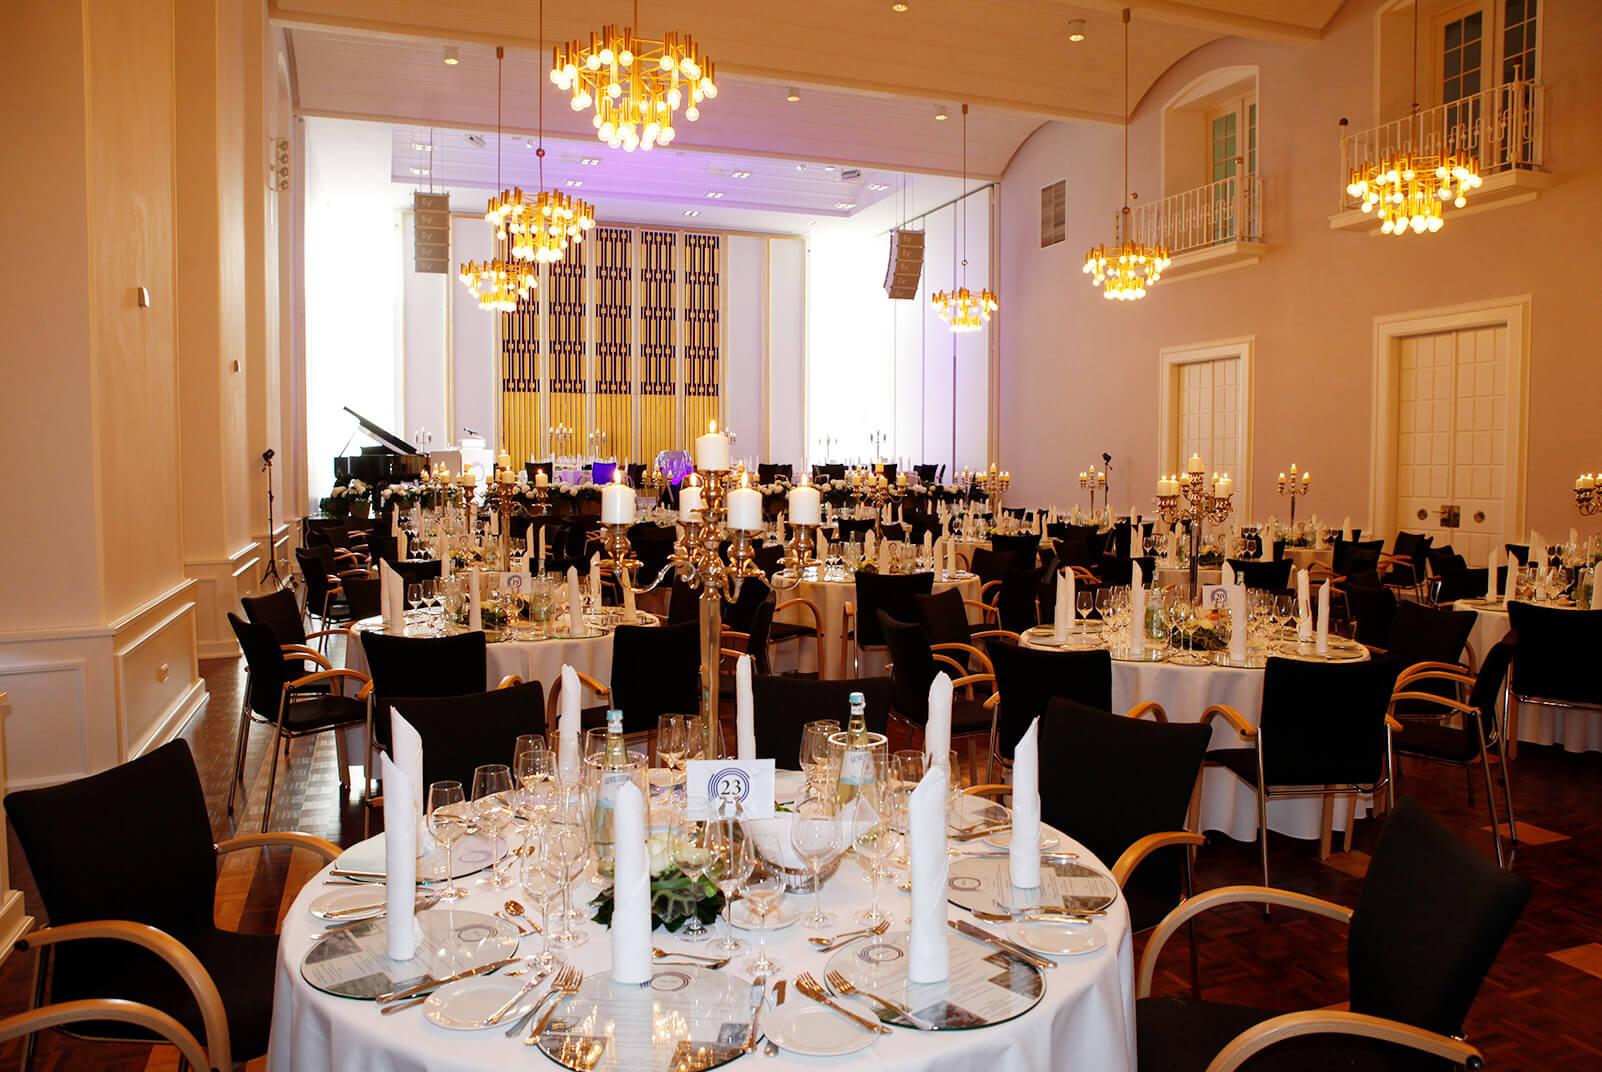 Festsaal mit vielen runden Tischen